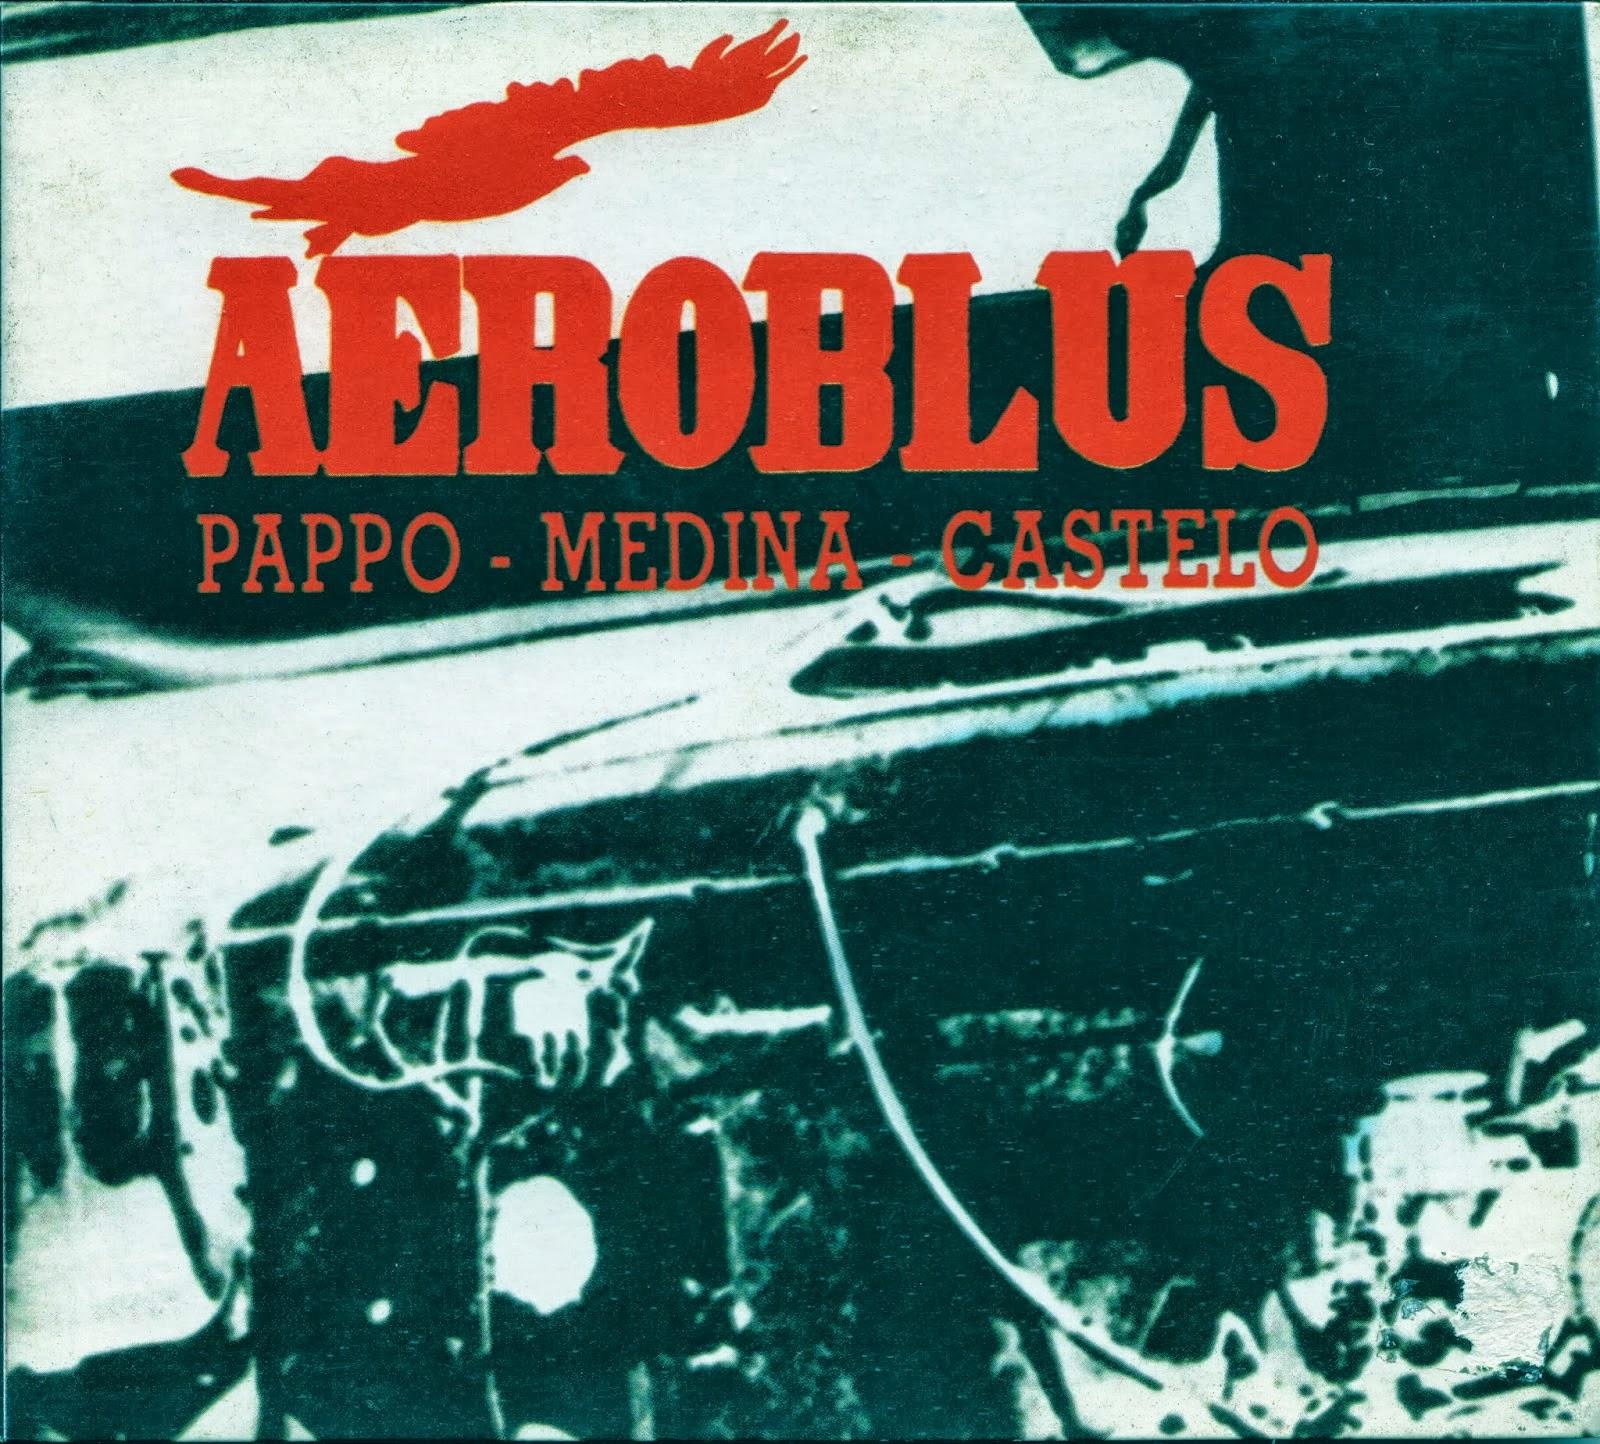 Metal Brutal Argentino 1977 The Little Things She Needs Malmo Black White Tsn0001342c0256 Hitam 38 01 Vamos A Buscar La Luz